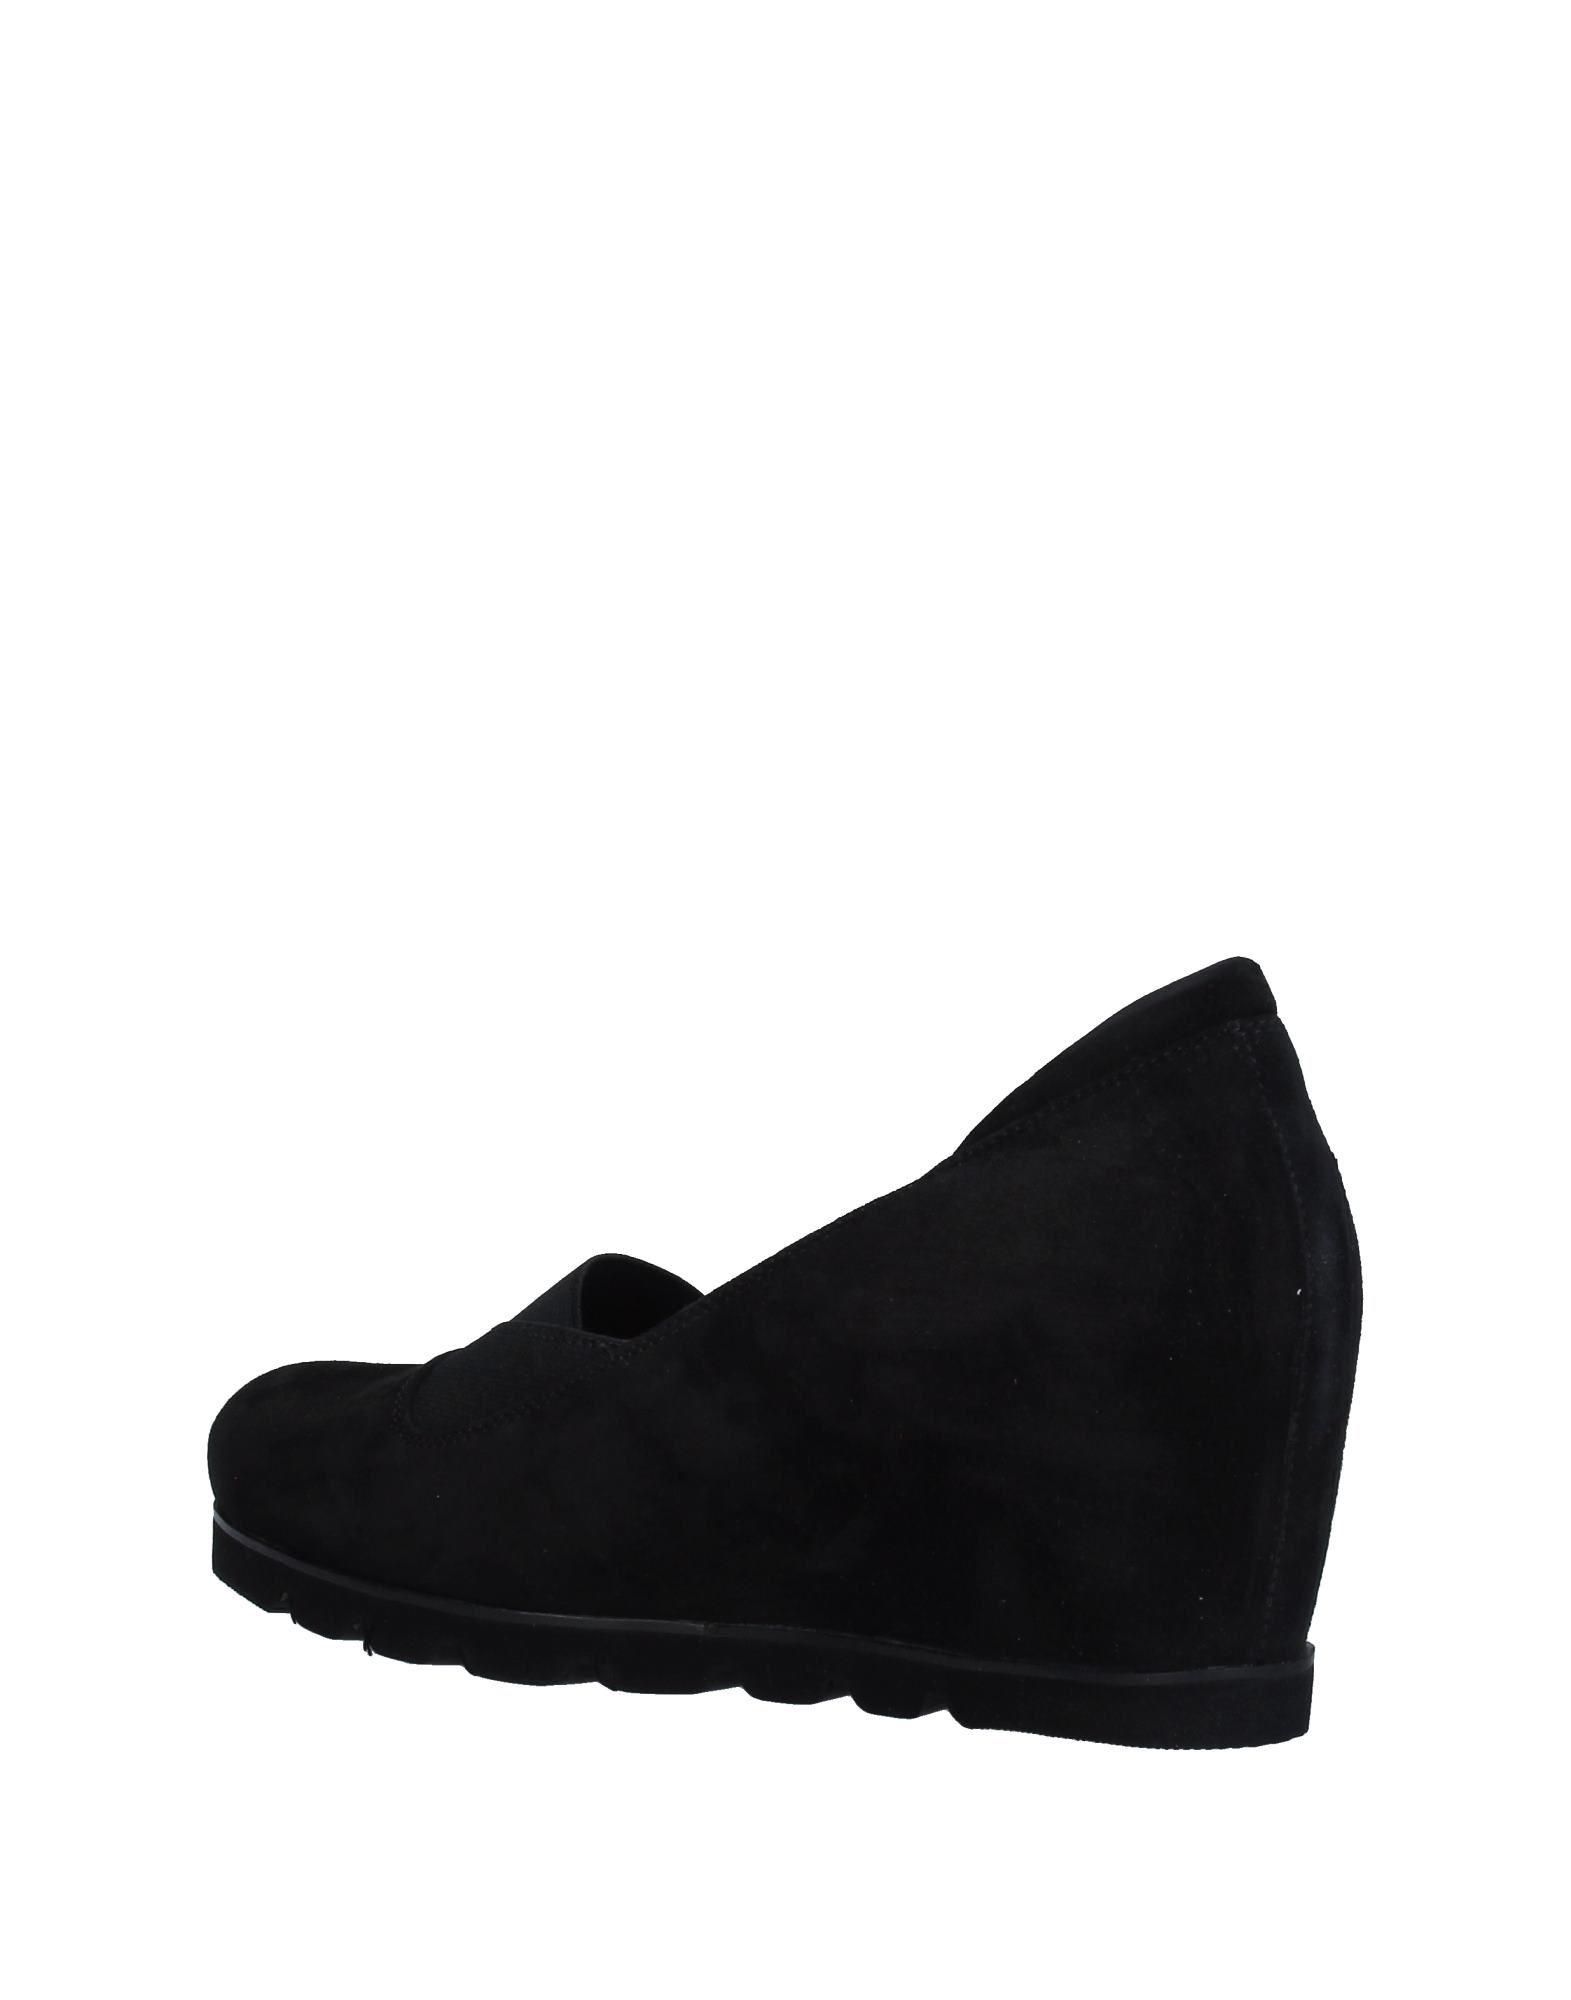 Donna Soft Pumps Qualität Damen  11260535PQ Gute Qualität Pumps beliebte Schuhe ba0cdd